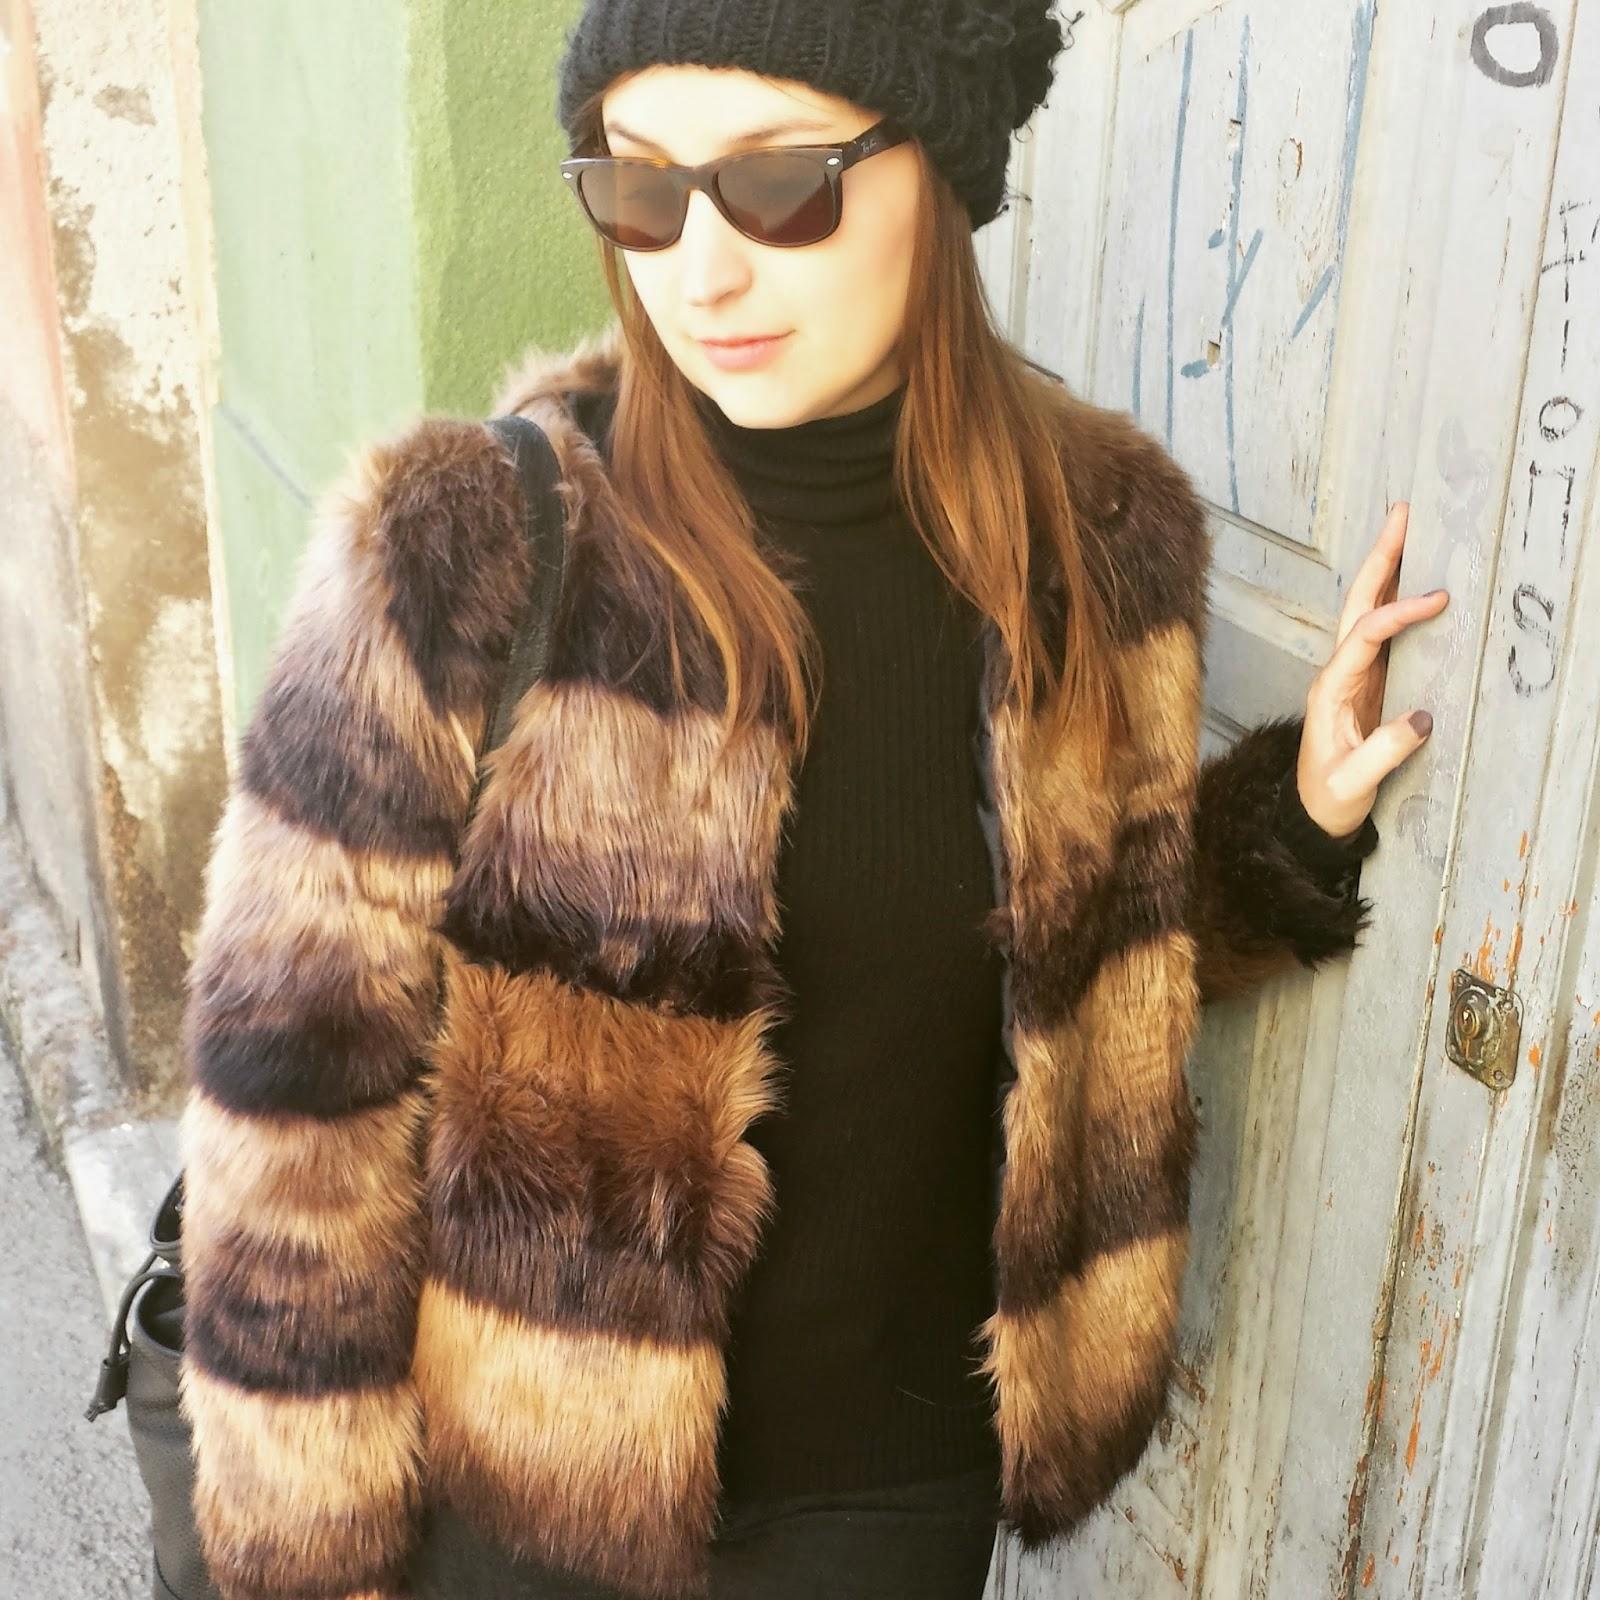 los abrigos de pelo nos invaden esta temporada, en este caso es de stradivarius en tonos marrones y corto, ideal para dar juego a diferentes tipos de outfits.